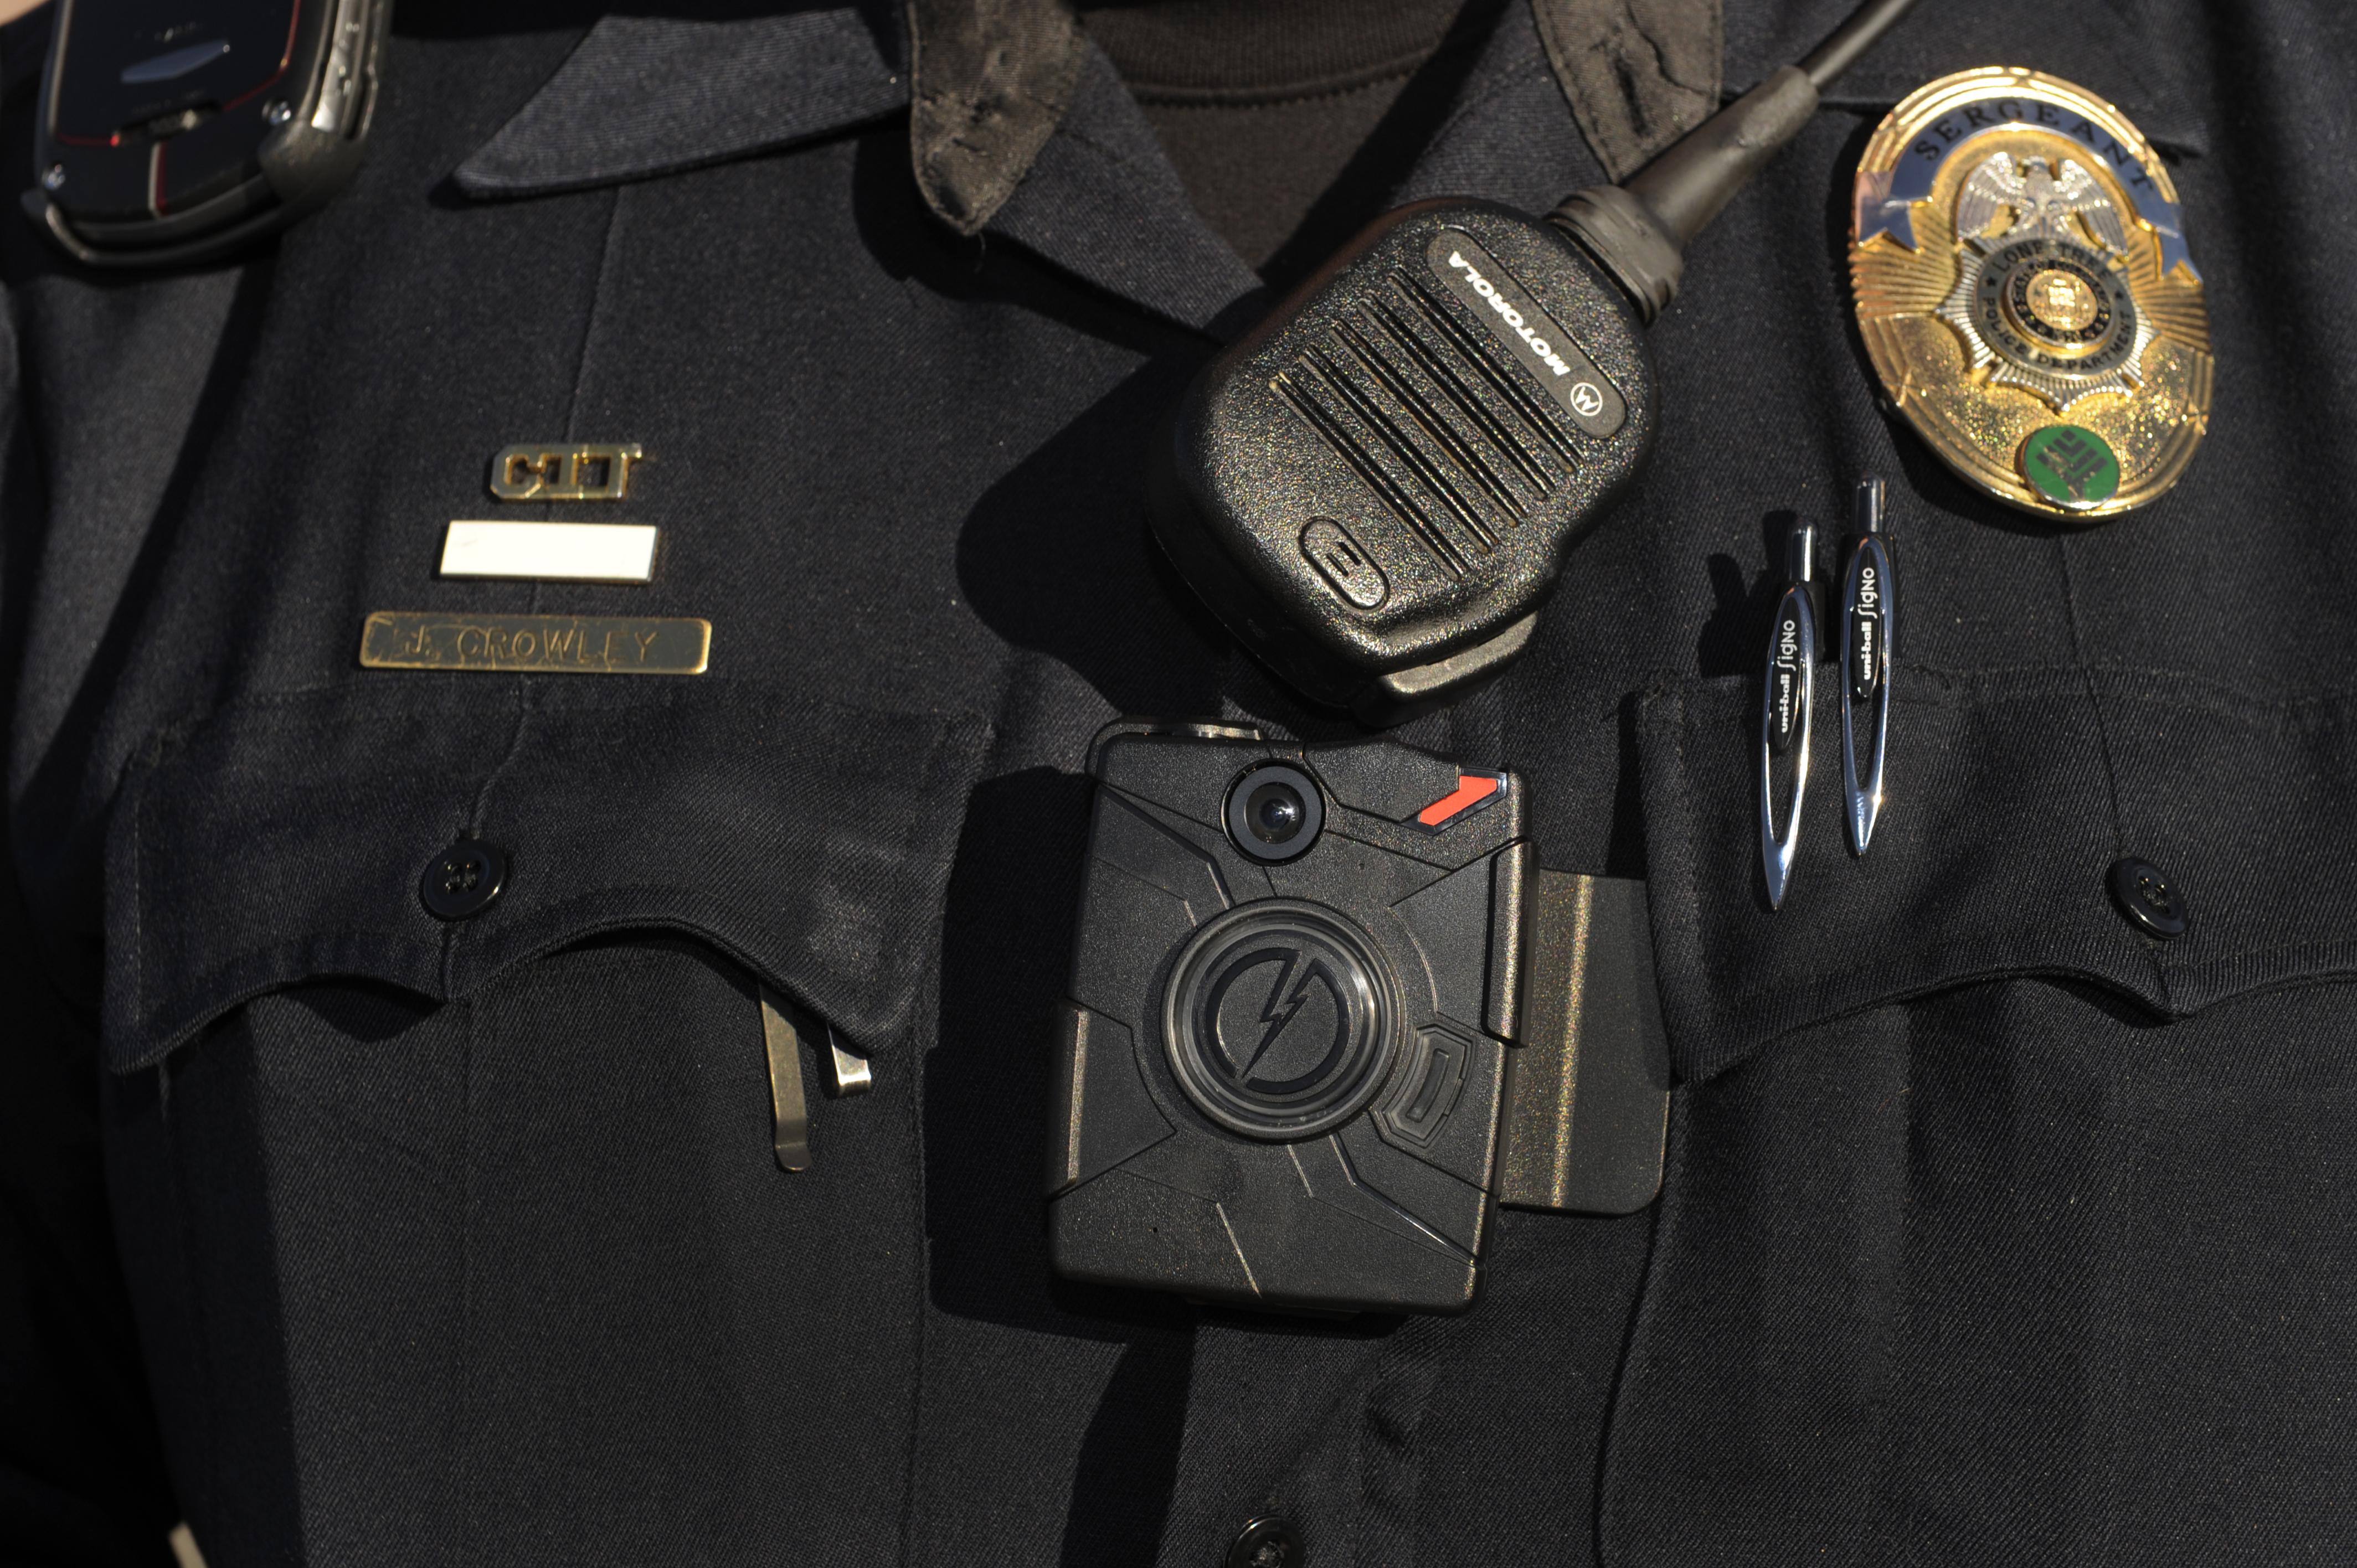 Cameras on Cops